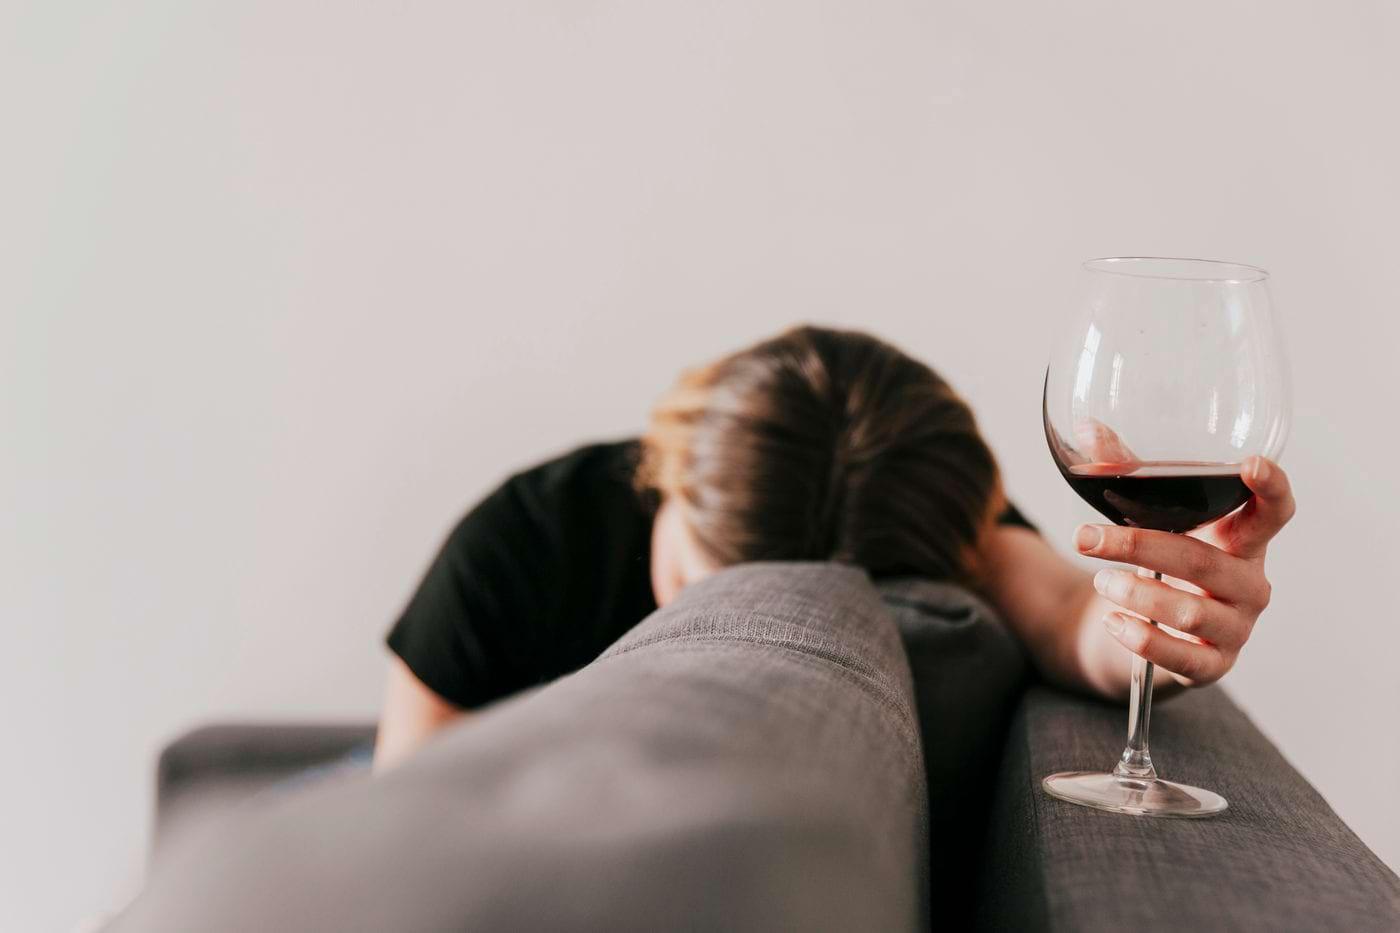 Dependența de sport crește riscul de alcoolism [studiu]